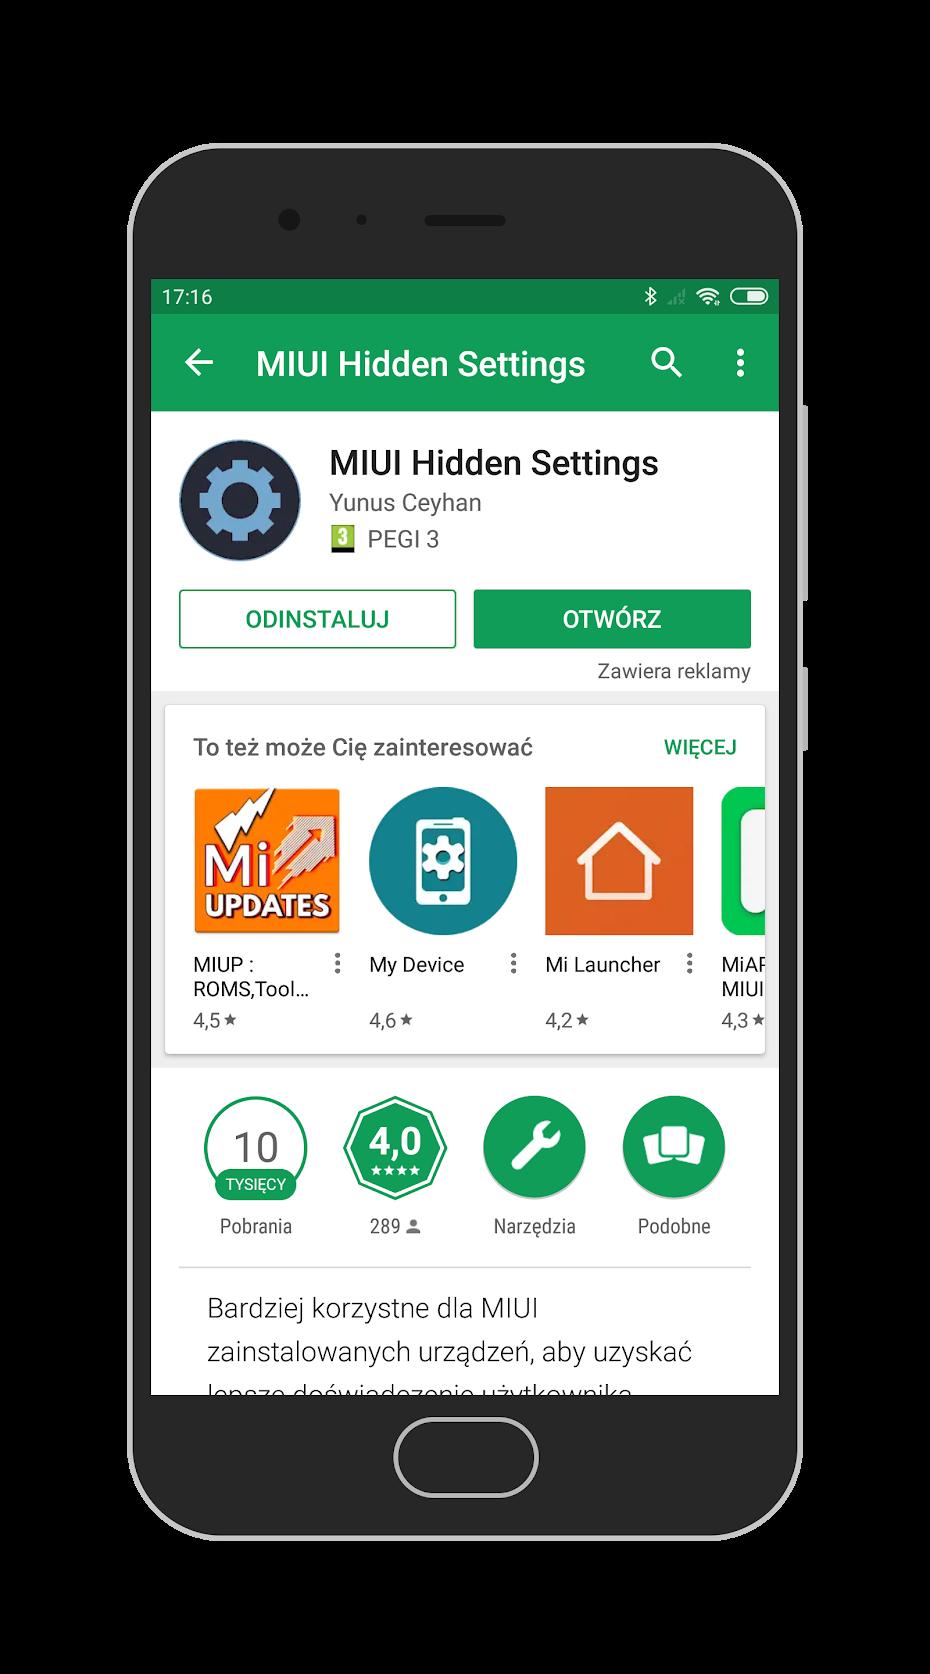 XDA vytvořila aplikaci umožňující přístup ke skrytým funkcím na telefonech Xiaomi